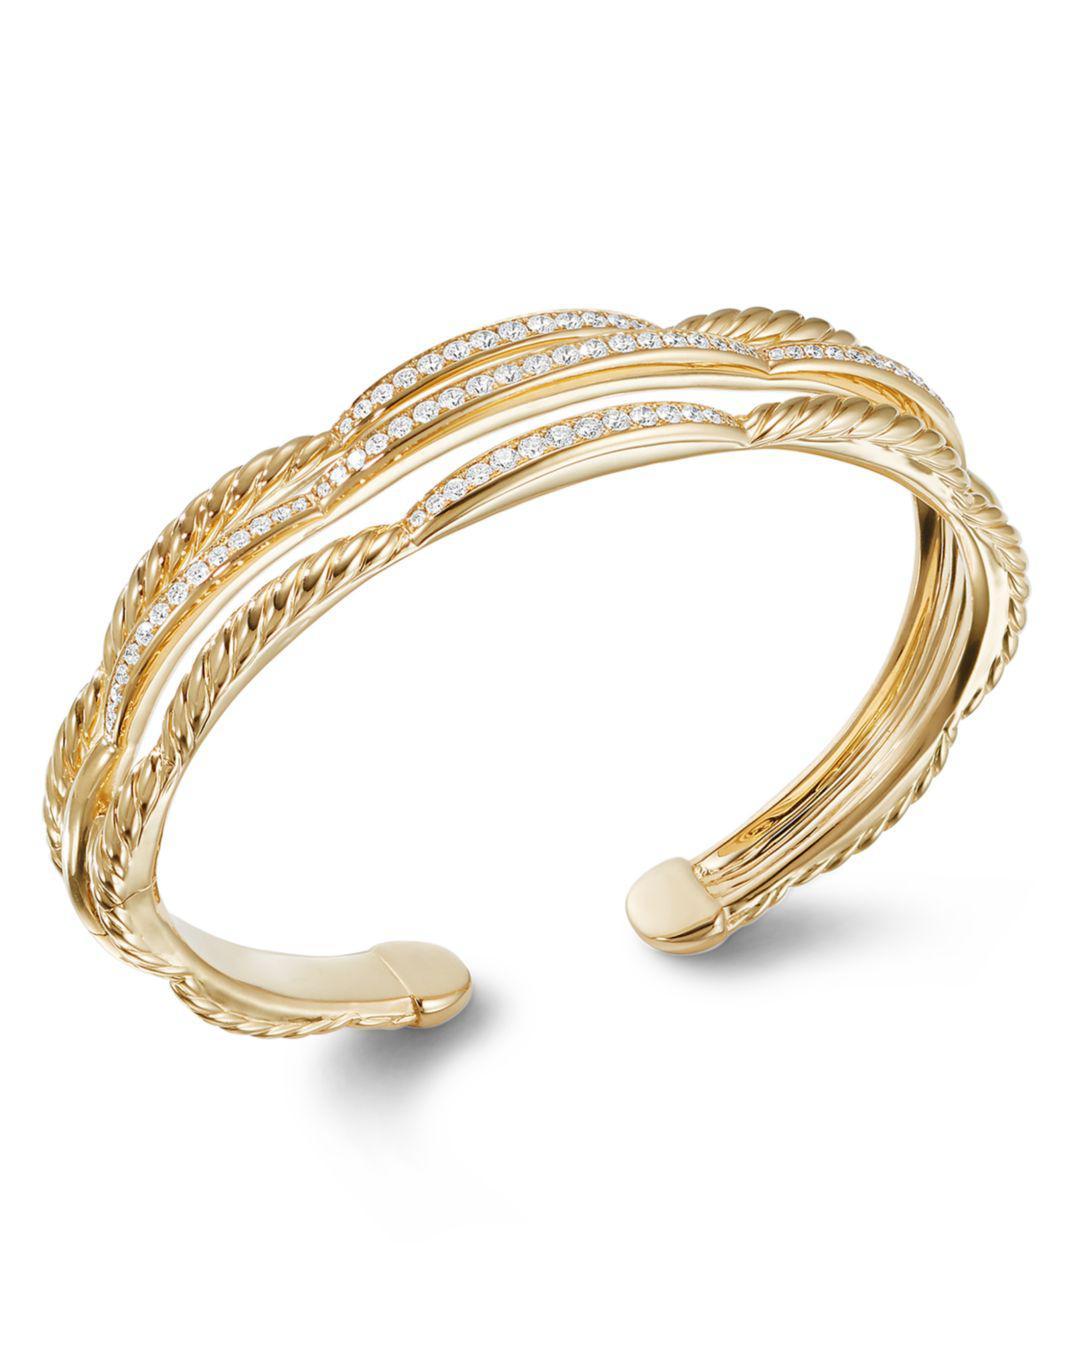 6f1b32d2b0f13 Lyst - David Yurman Tides Three Row Cuff Bracelet In 18k Yellow Gold ...